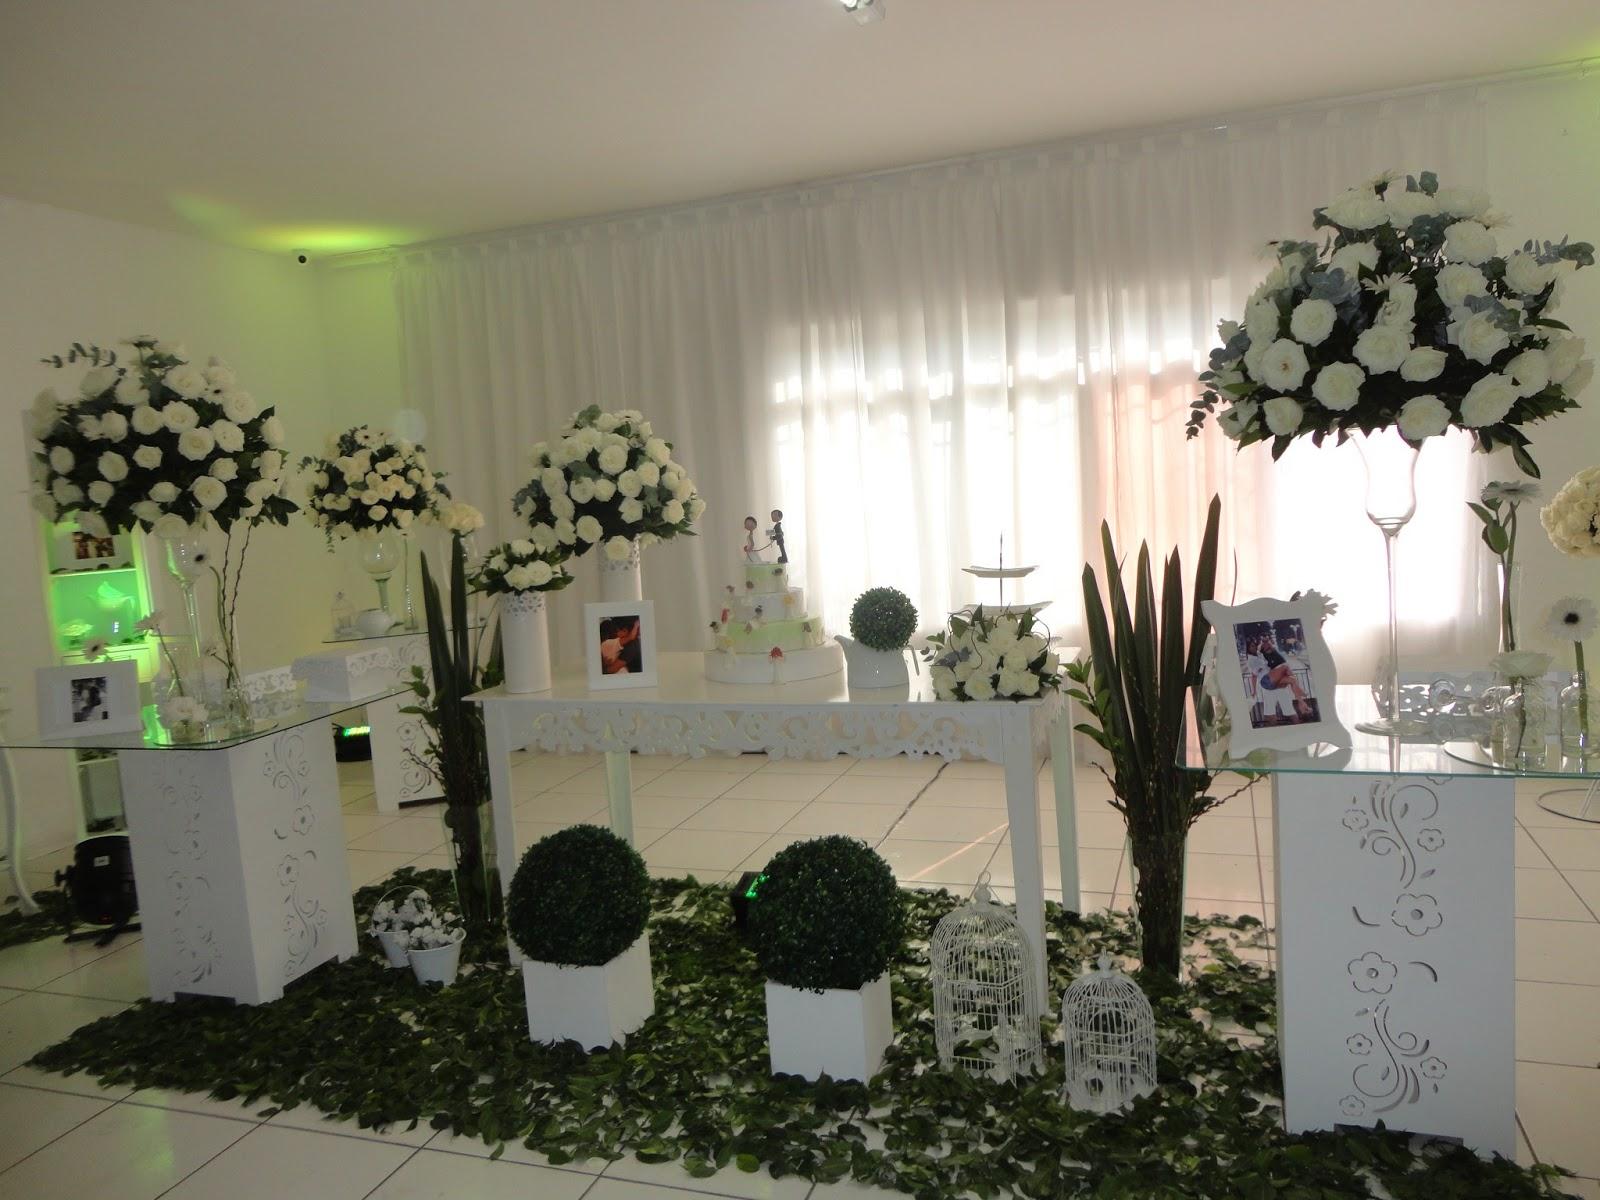 decoracao branca casamento:Casamentos e Festa Tagliari: Decoração de Casamento Verde e Branca